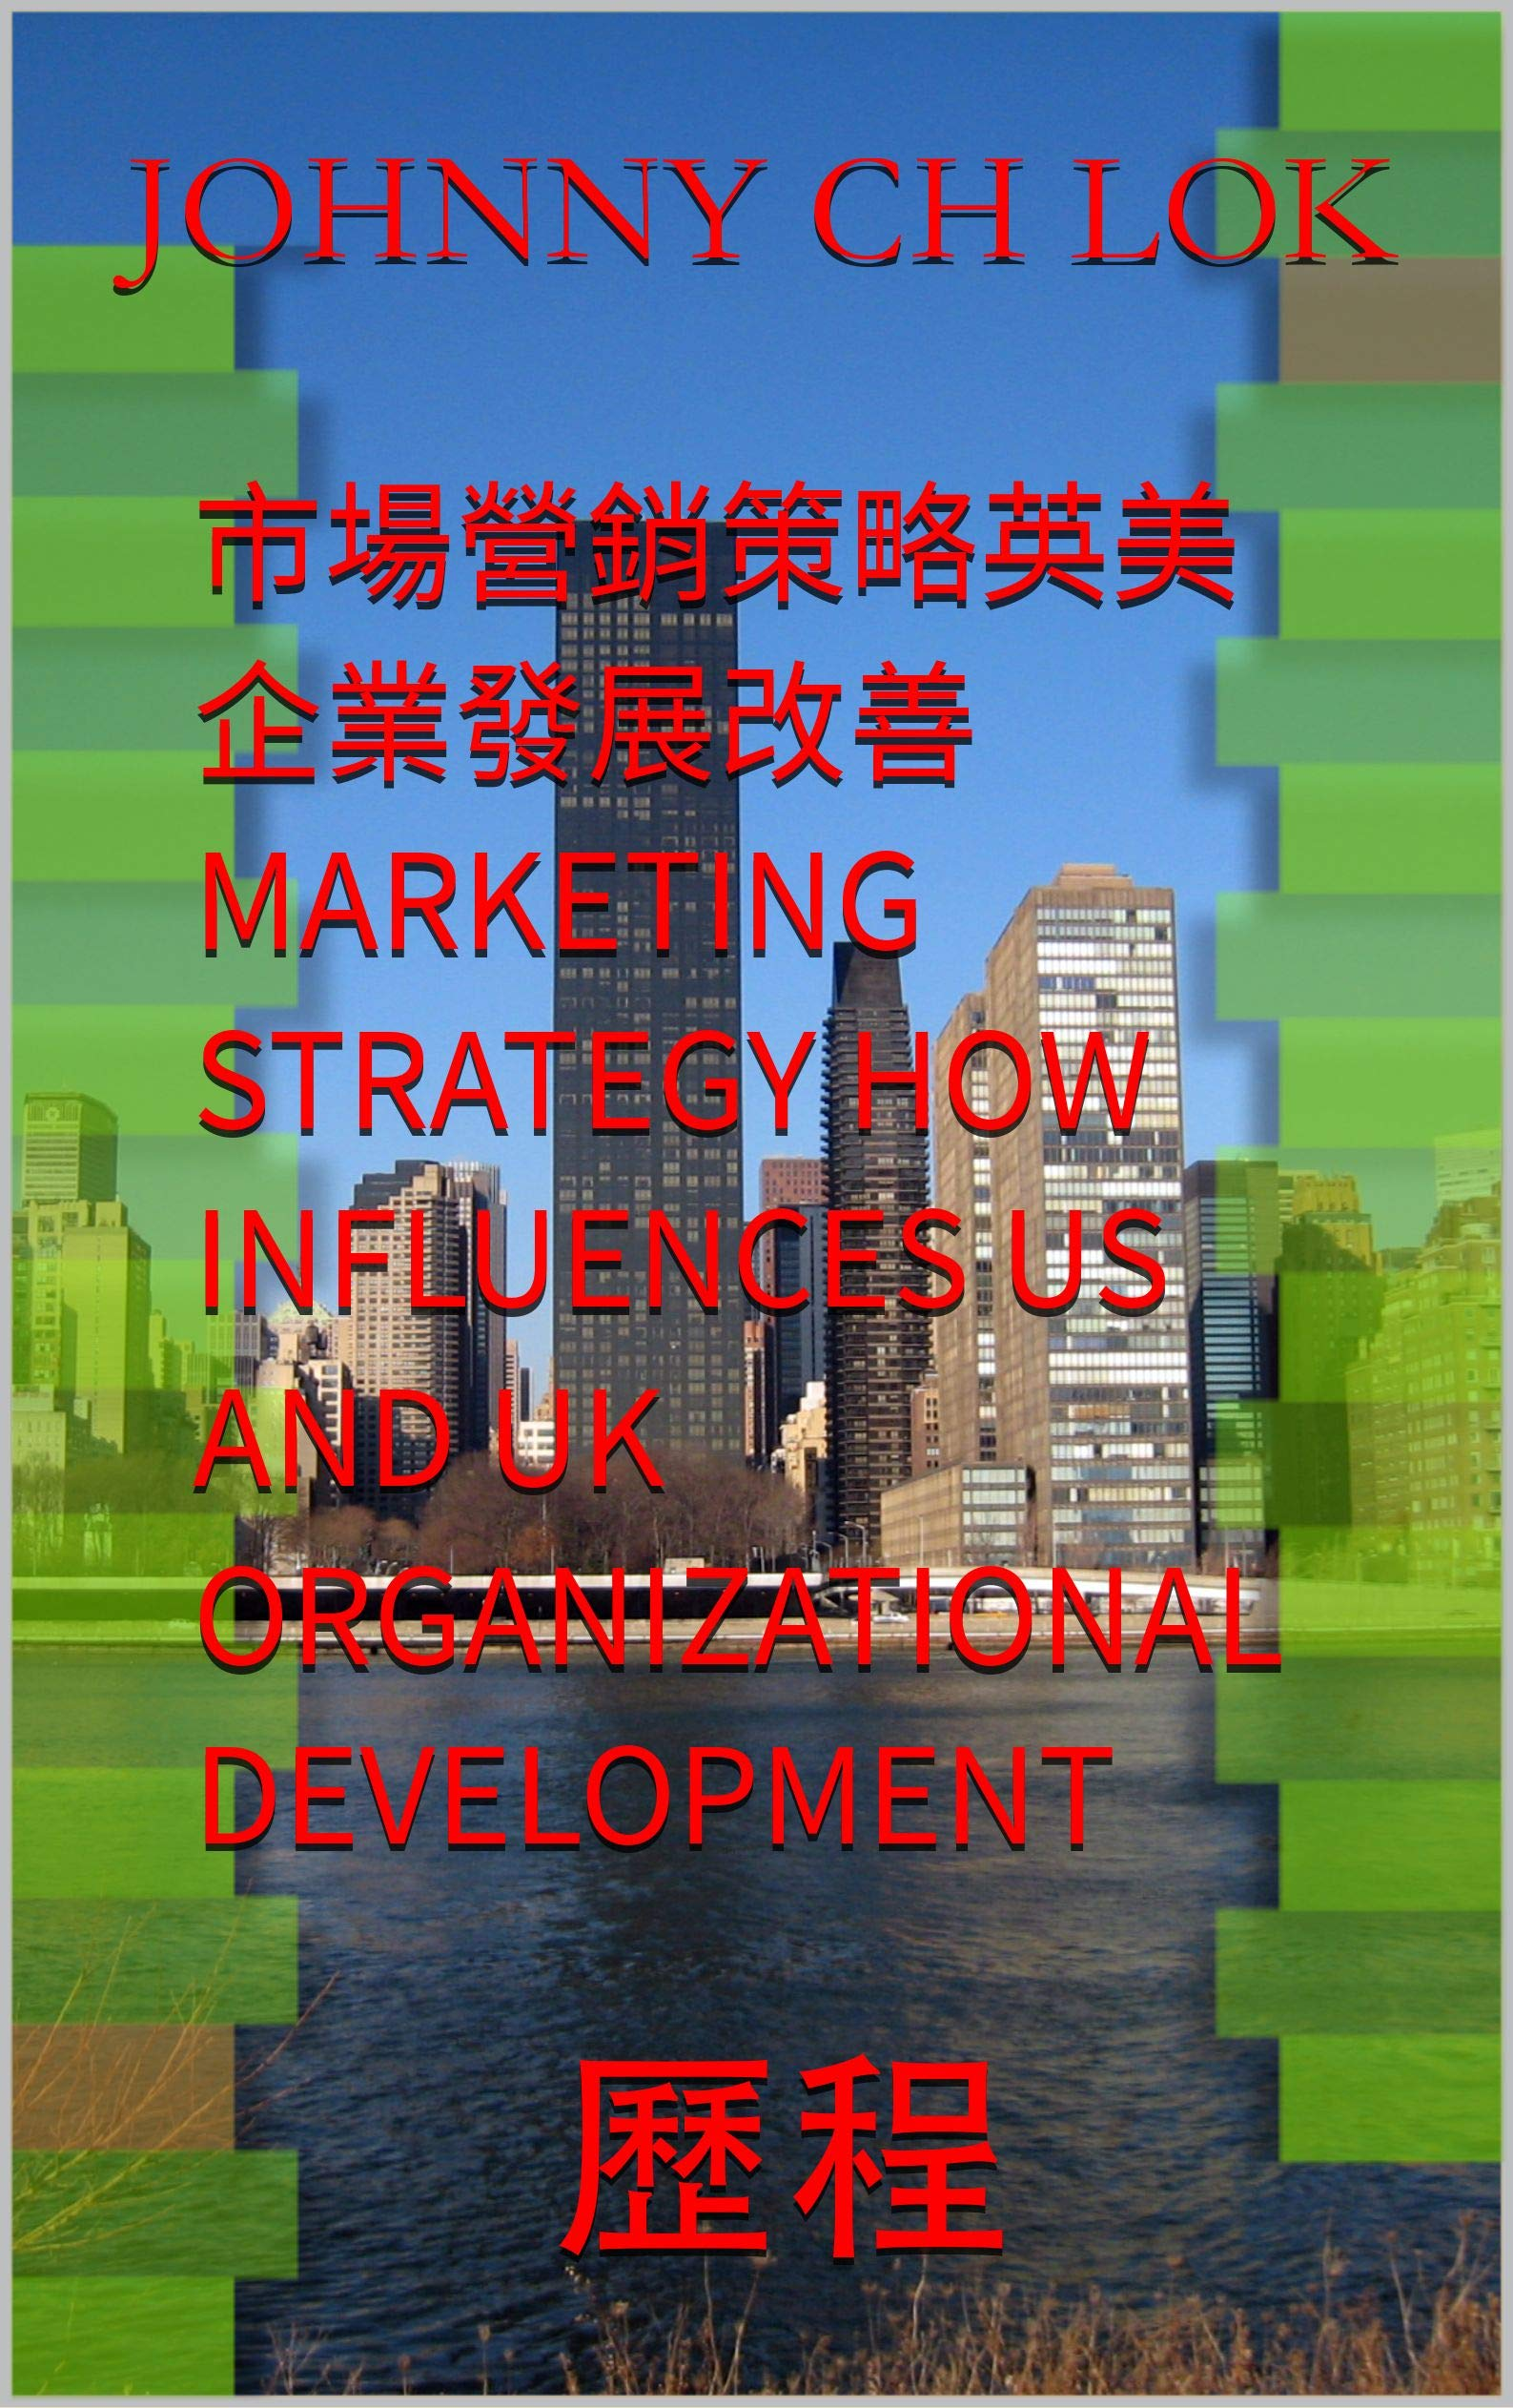 市場營銷策略英美企業發展改善 MARKETING STRATEGY HOW INFLUENCES US AND UK ORGANIZATIONAL DEVELOPMENT: 歷程 (Traditional Chinese Edition)